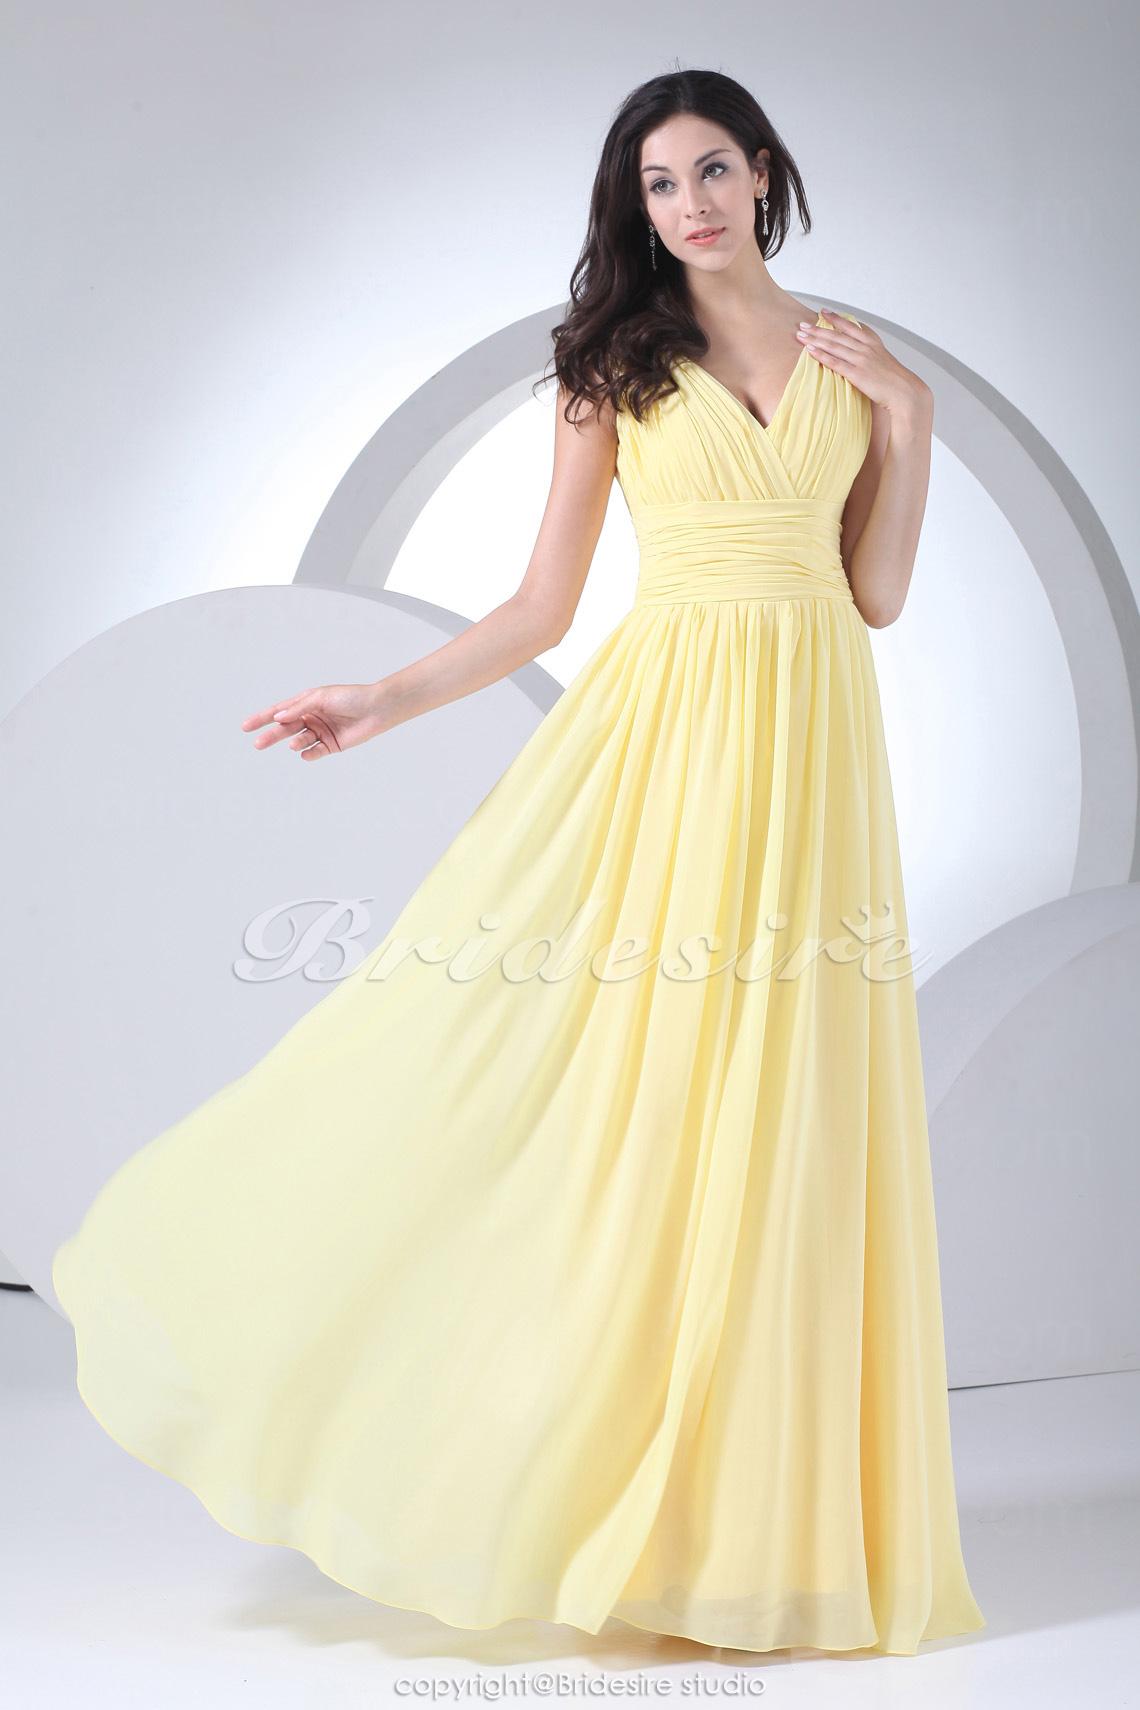 ec7abd058 Bridesire - Corte Recto Escote en V Hasta el Suelo Sin Mangas Gasa Vestido   BD4072  - €97.48   Bridesire